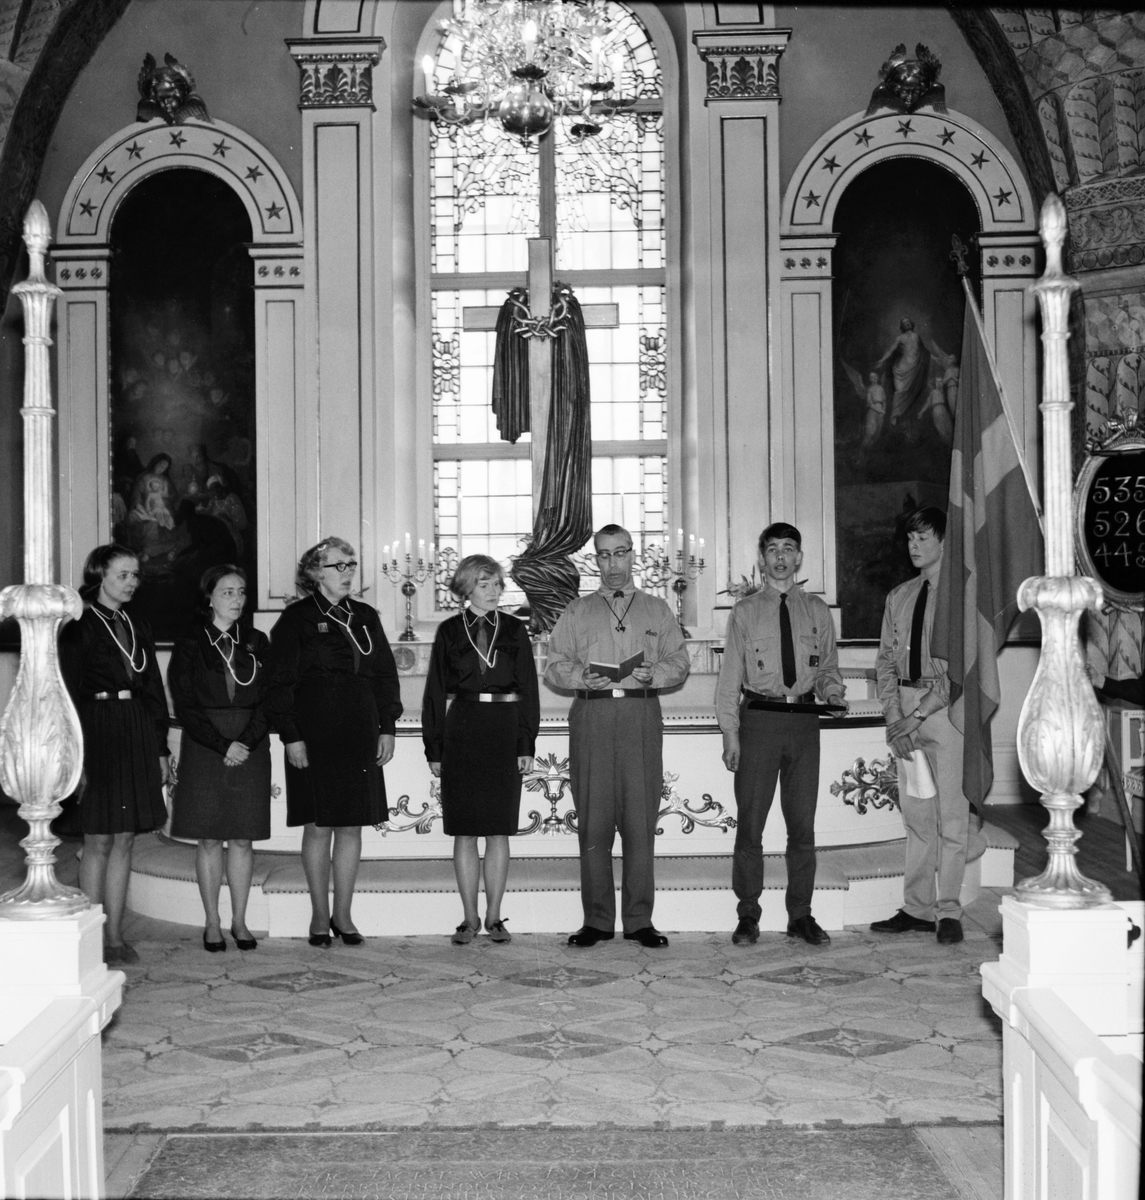 Arbrå, Scoutupptagning i kyrkan, 21 April 1968